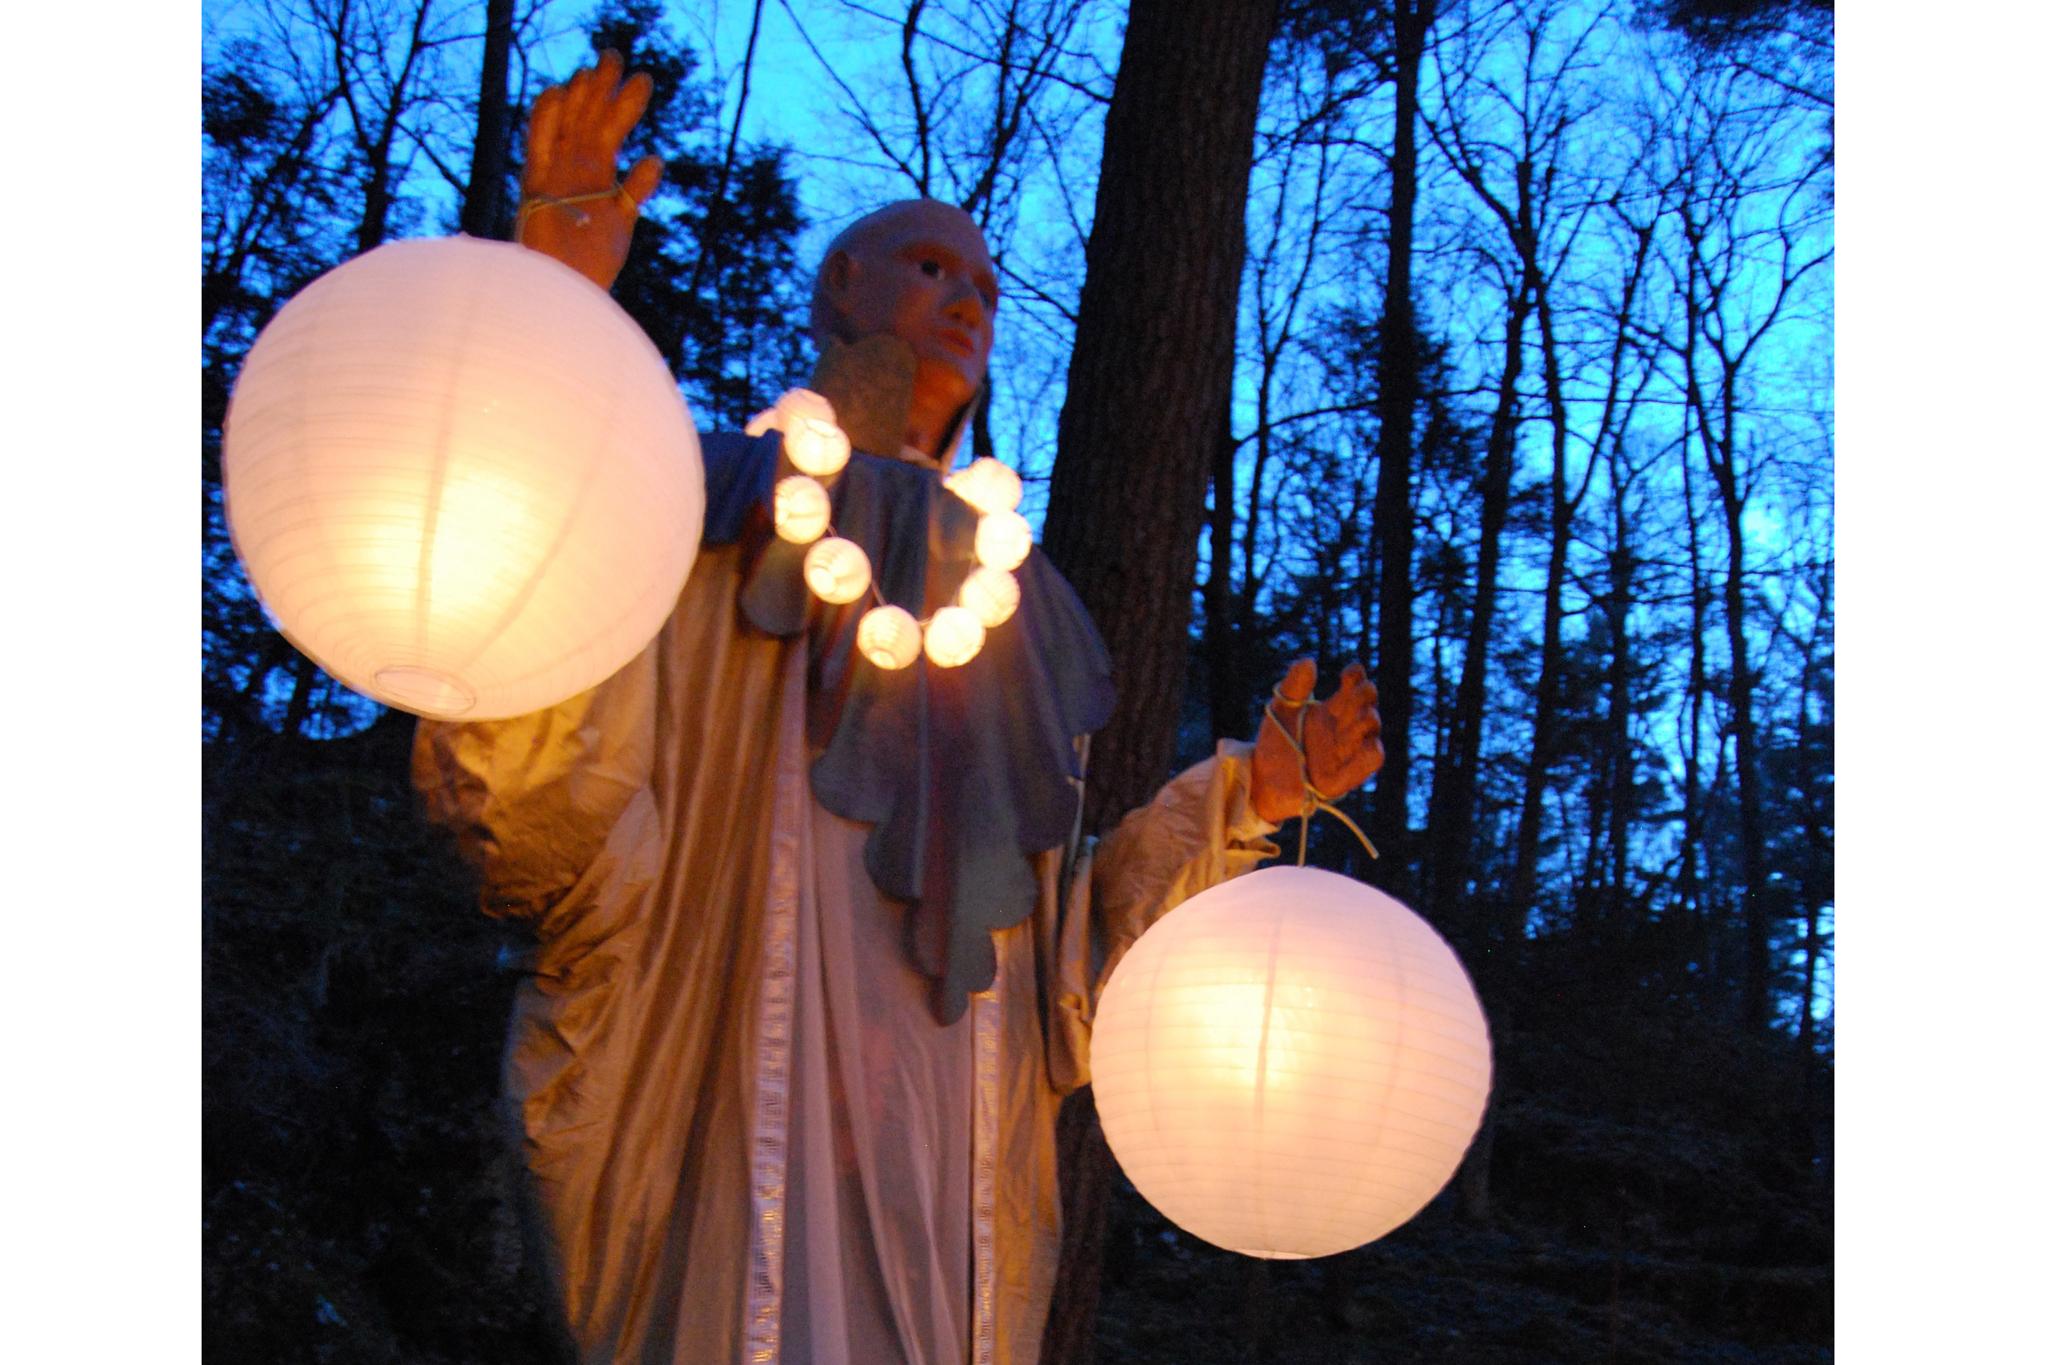 Illuminated: Moonlight Lantern Walk